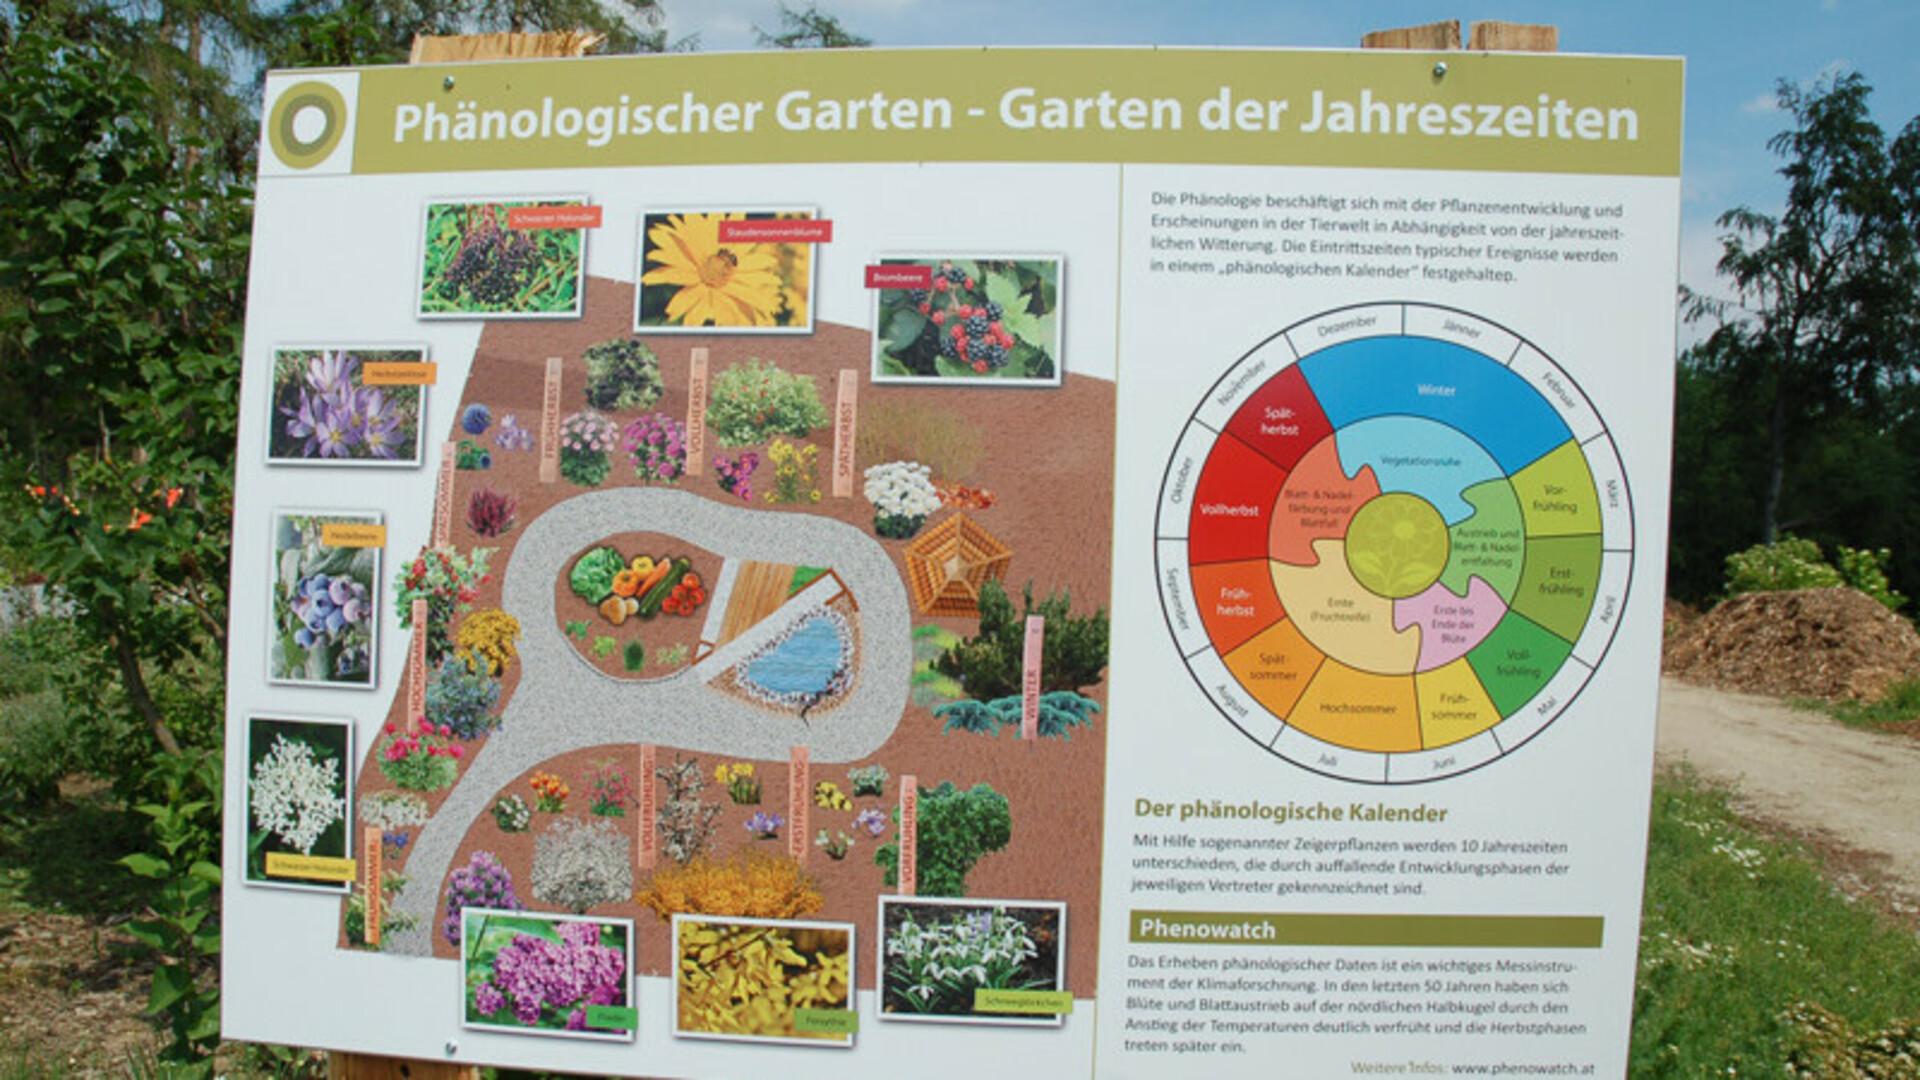 Phänologischer Garten beim Ökokreis Ottenstein